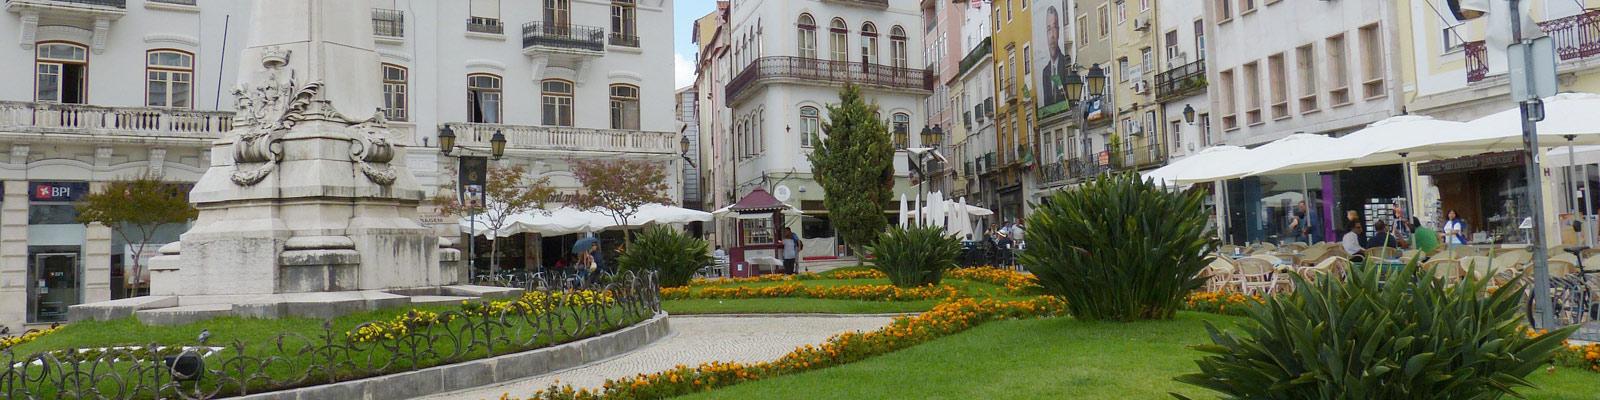 Universidade de Coimbra<br /> Faculty of Sciences and Technology